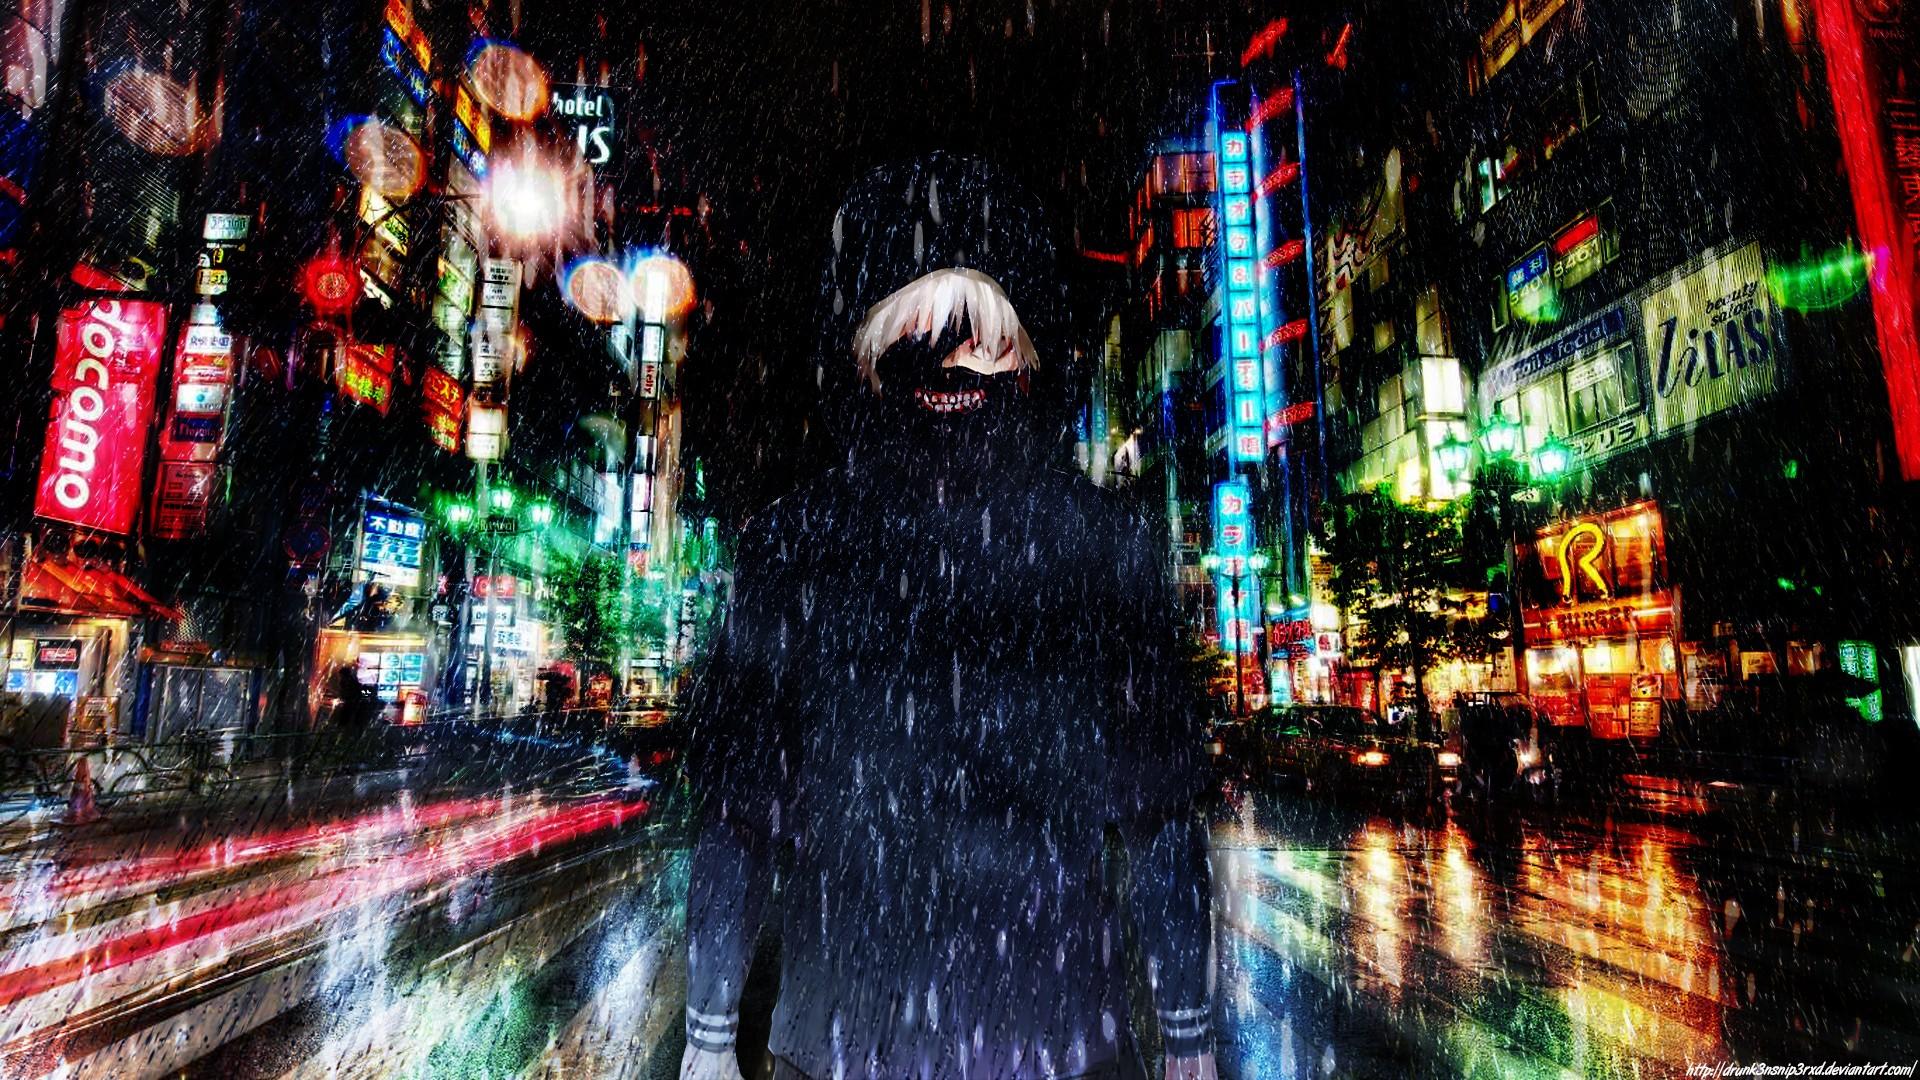 Tokyo Ghoul wallpaper ·① Download free beautiful full HD